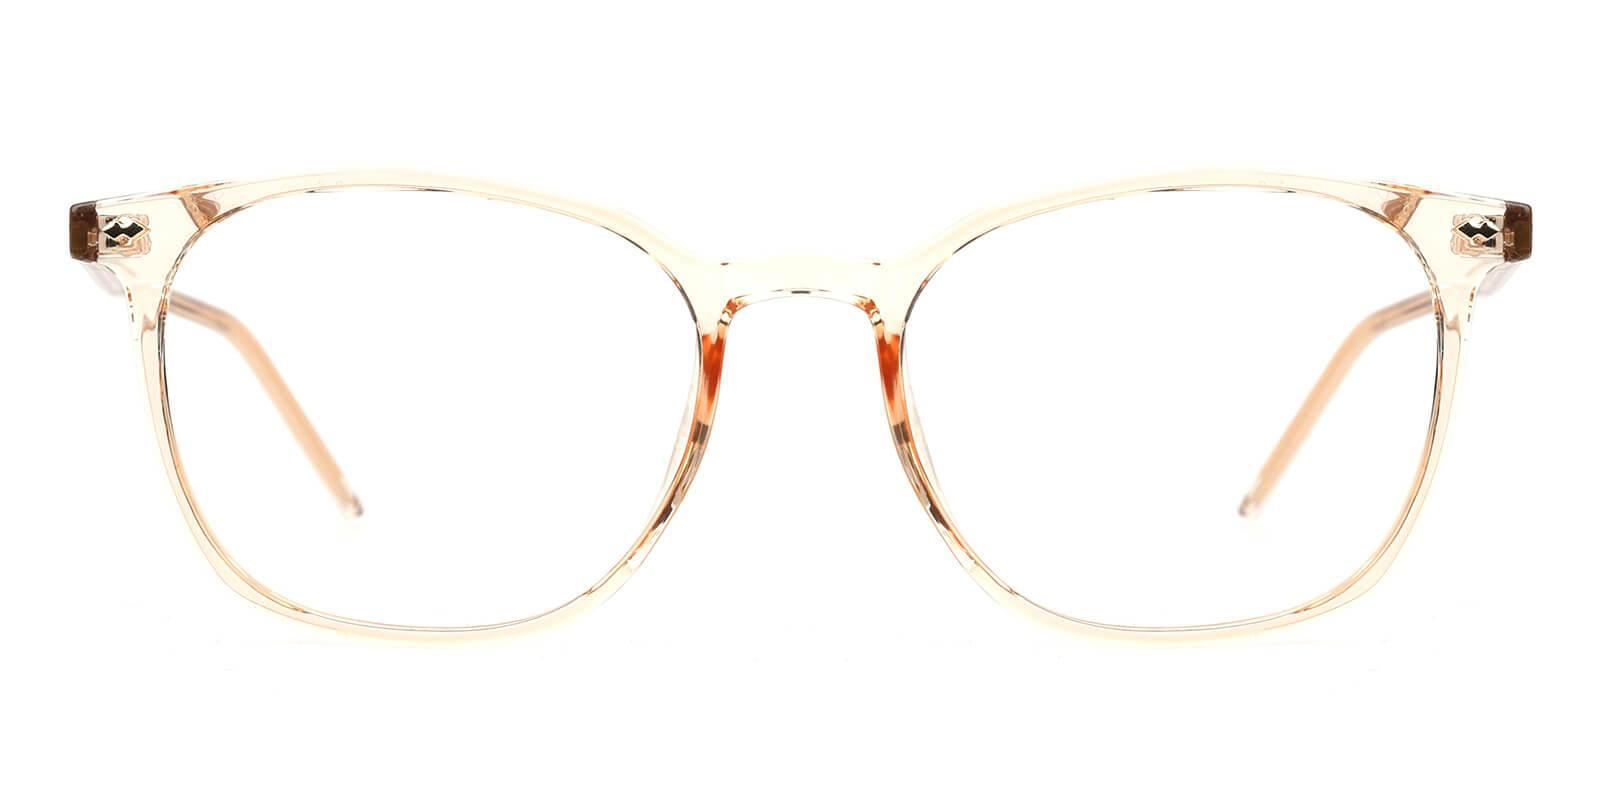 Linking-Orange-Round-Acetate-Eyeglasses-detail